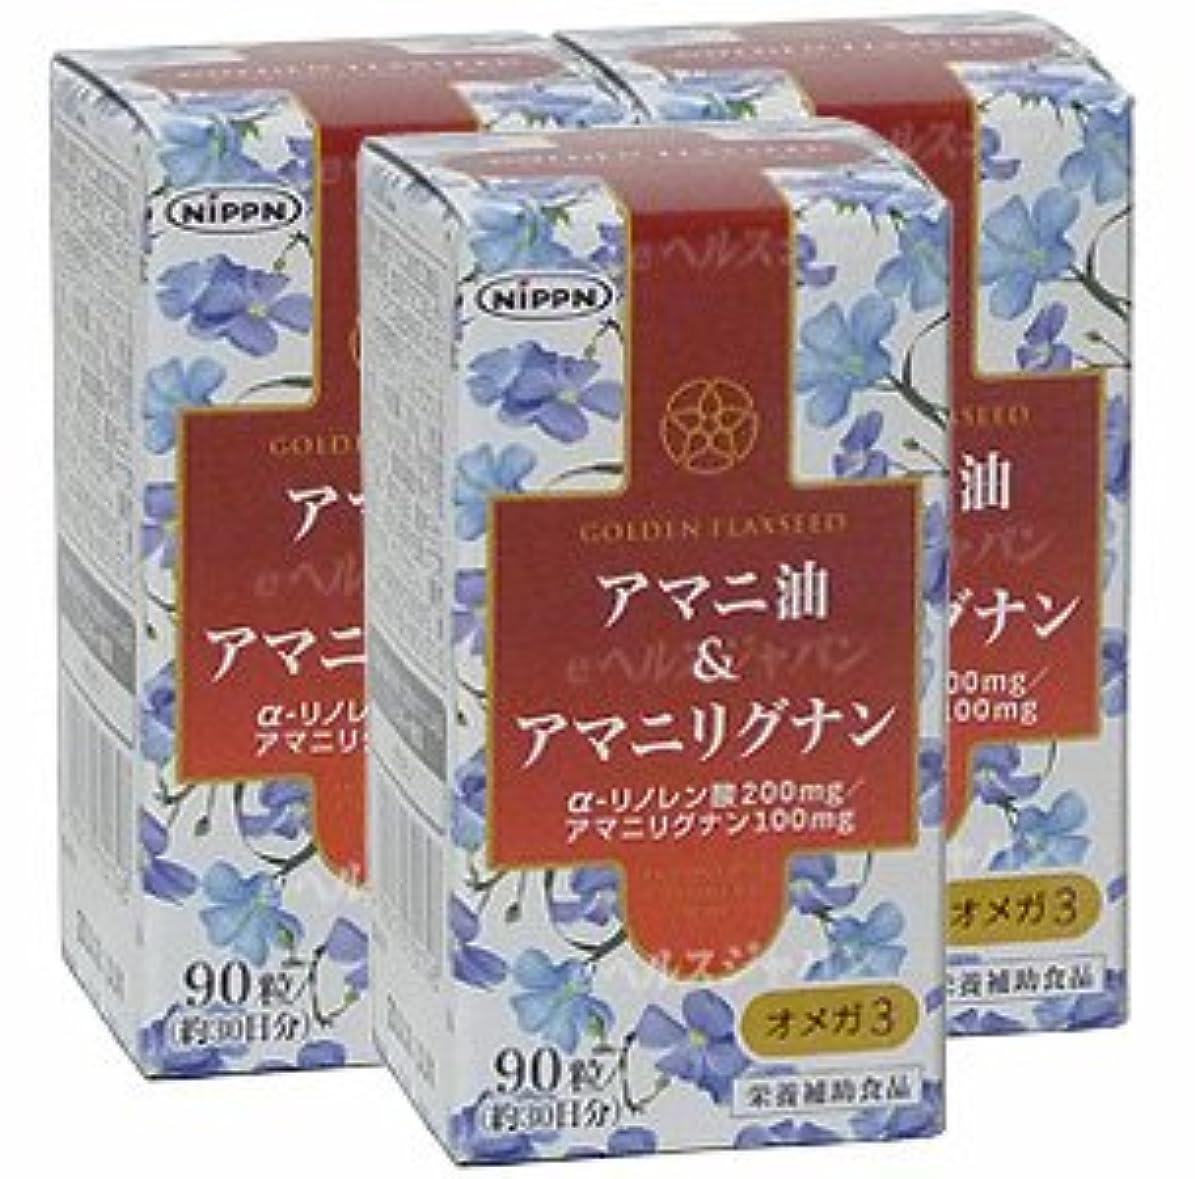 不十分な安らぎ文字アマニ油&アマニリグナン【3本セット】日本製粉